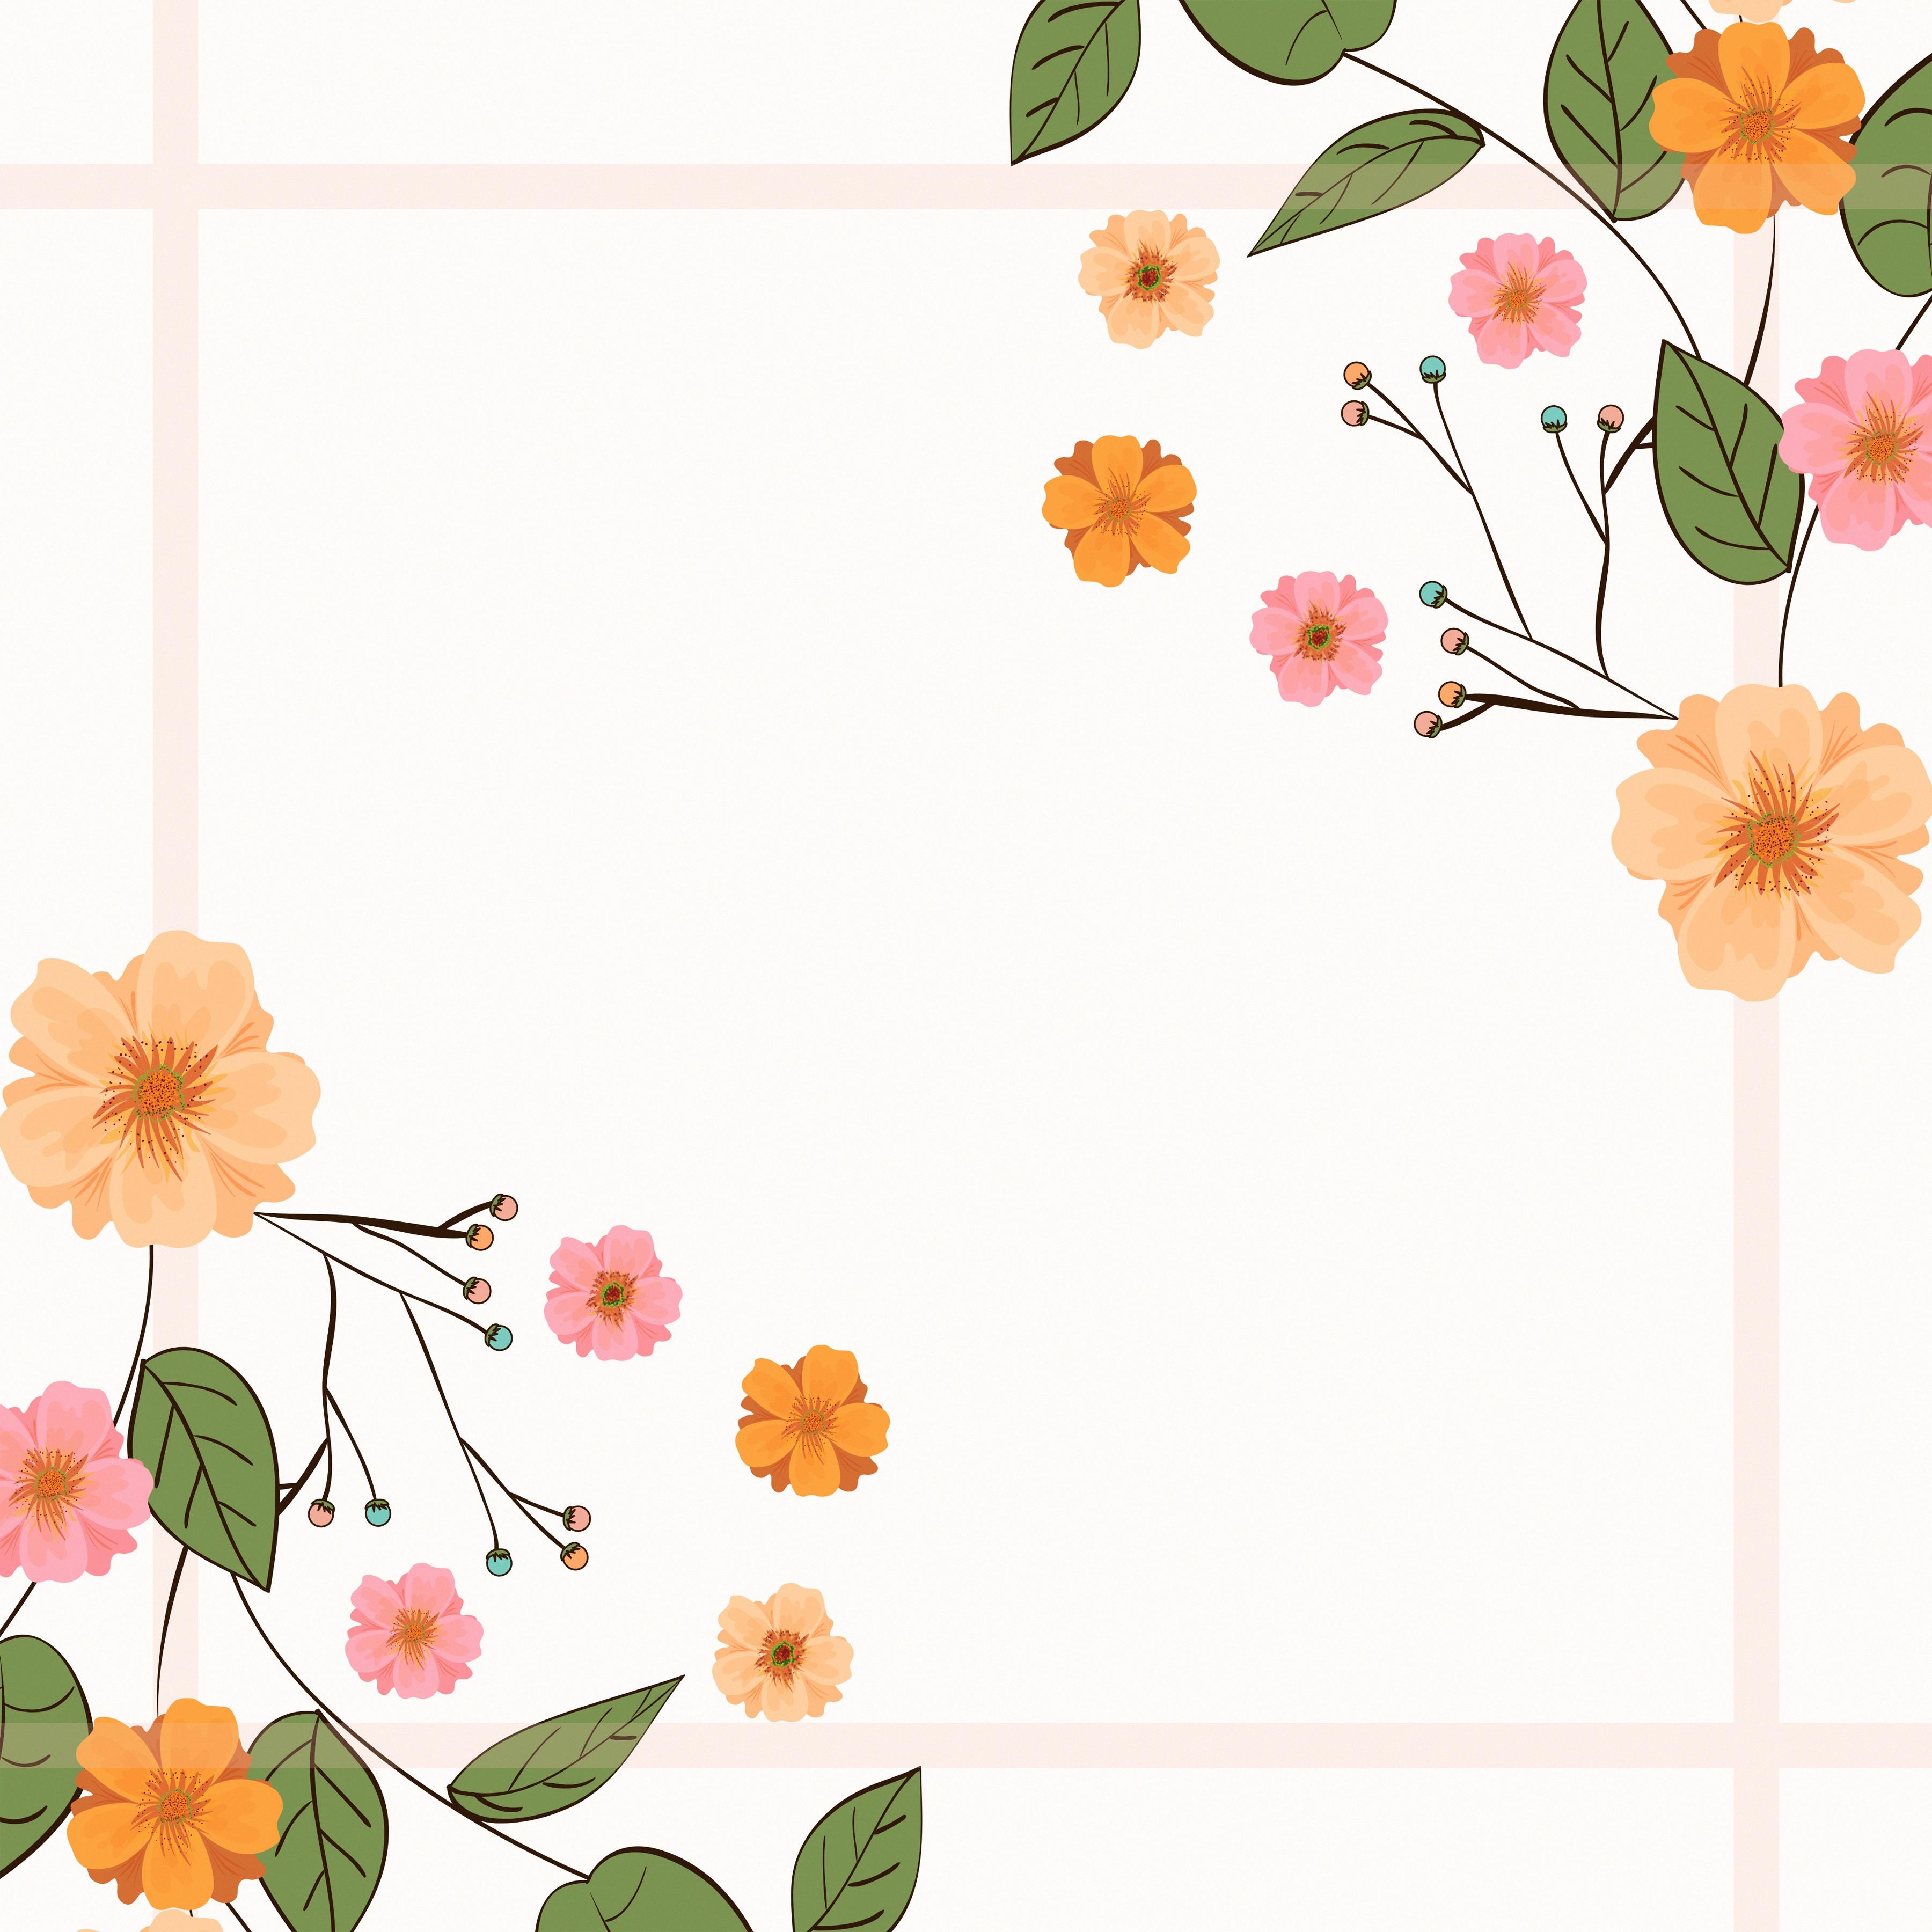 Фотографии лист цветок Шаблон поздравительной открытки Рисованные 3600x3600 Листва Листья Цветы